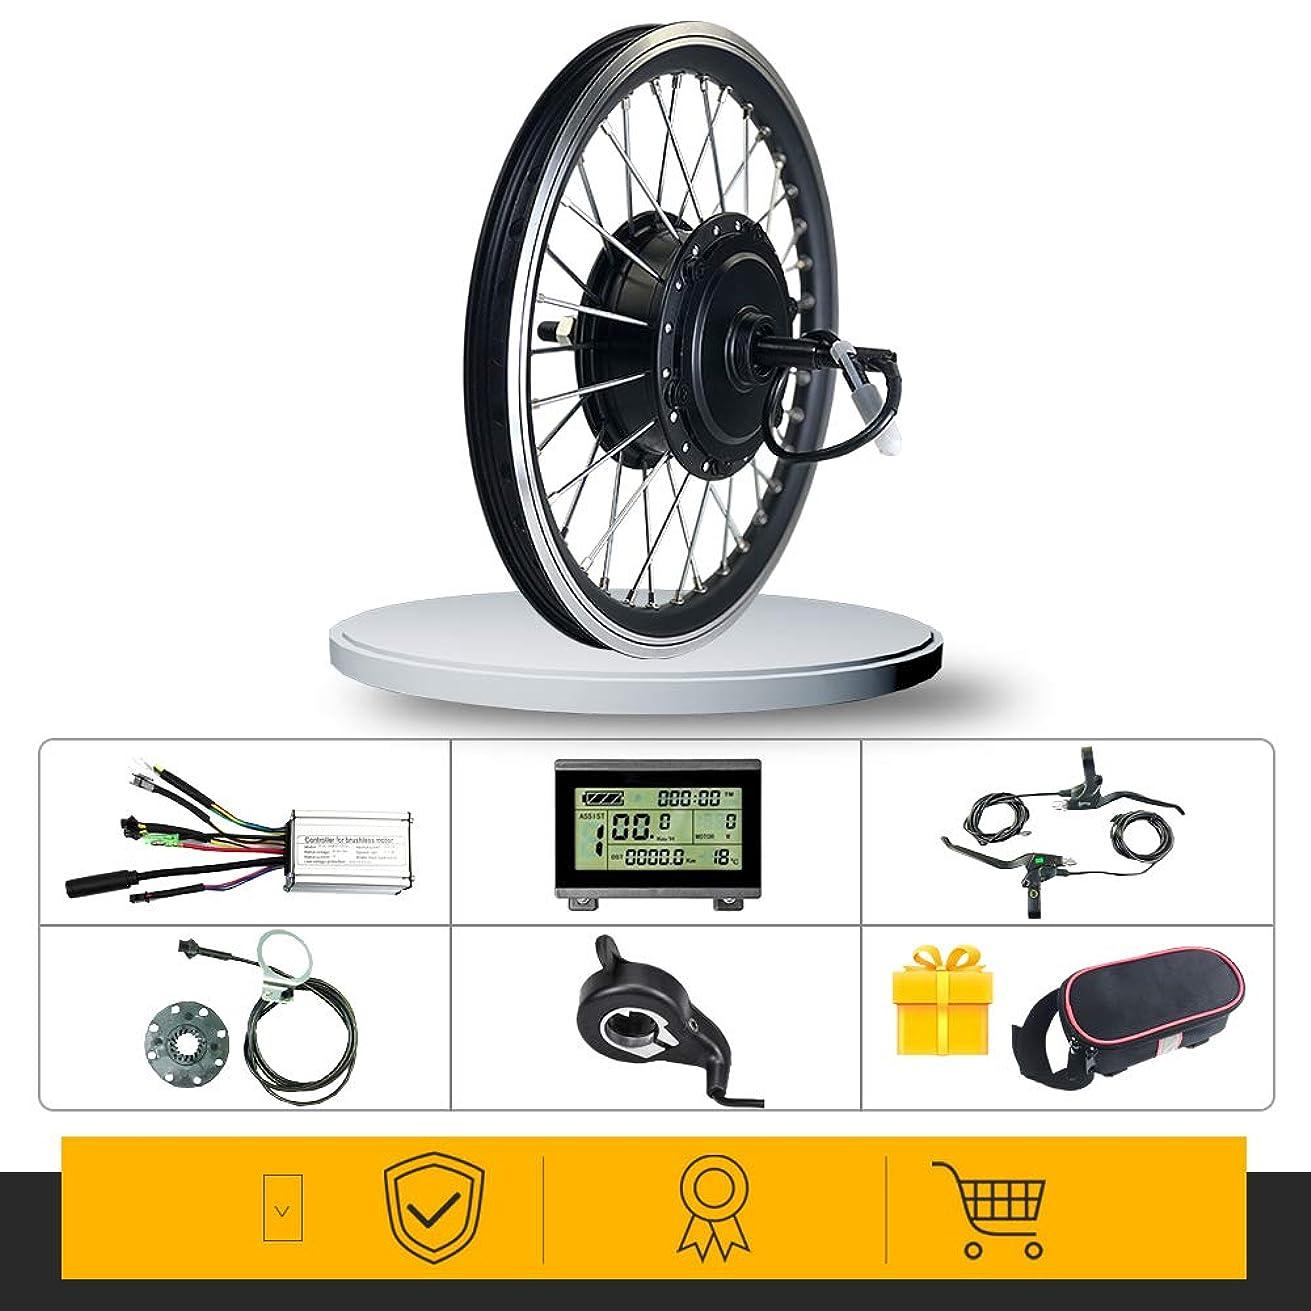 いつもご飯仲間電動自転車変換キット36V48V 250Wリア回転ハブモーターホイール16-29インチ700C Ebike変換キット用LCD3ディスプレイ